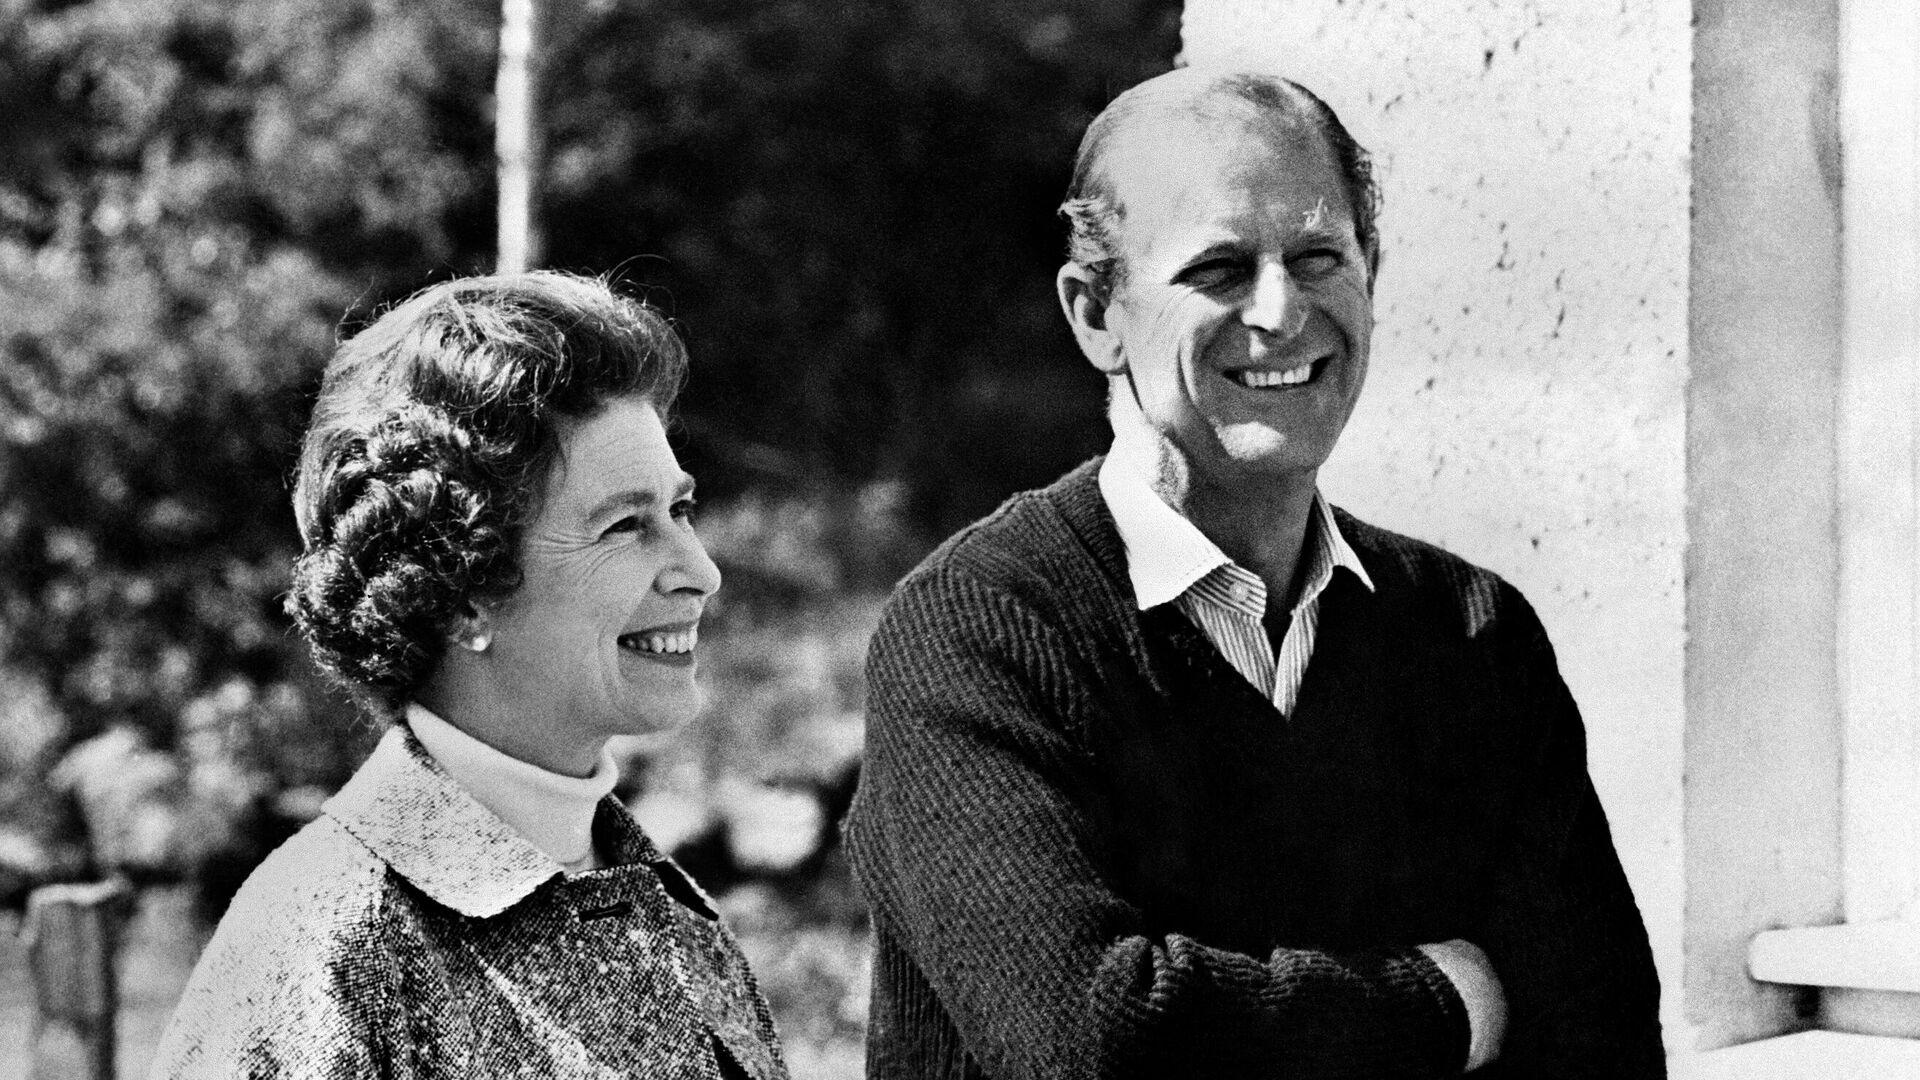 Isabel II y el príncipe Felipe en 1972 - Sputnik Mundo, 1920, 20.02.2021